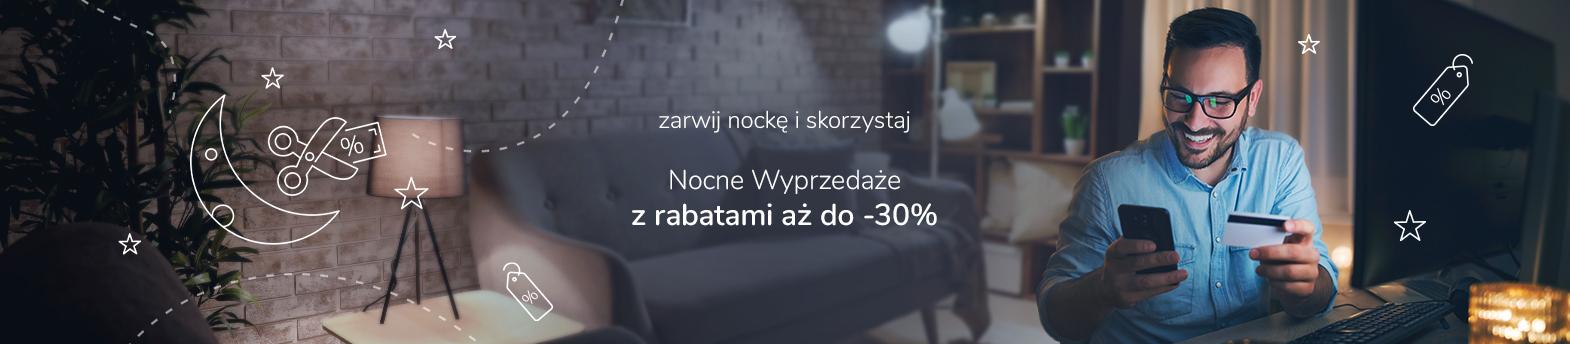 Nocne Wyprzedaże do -30%